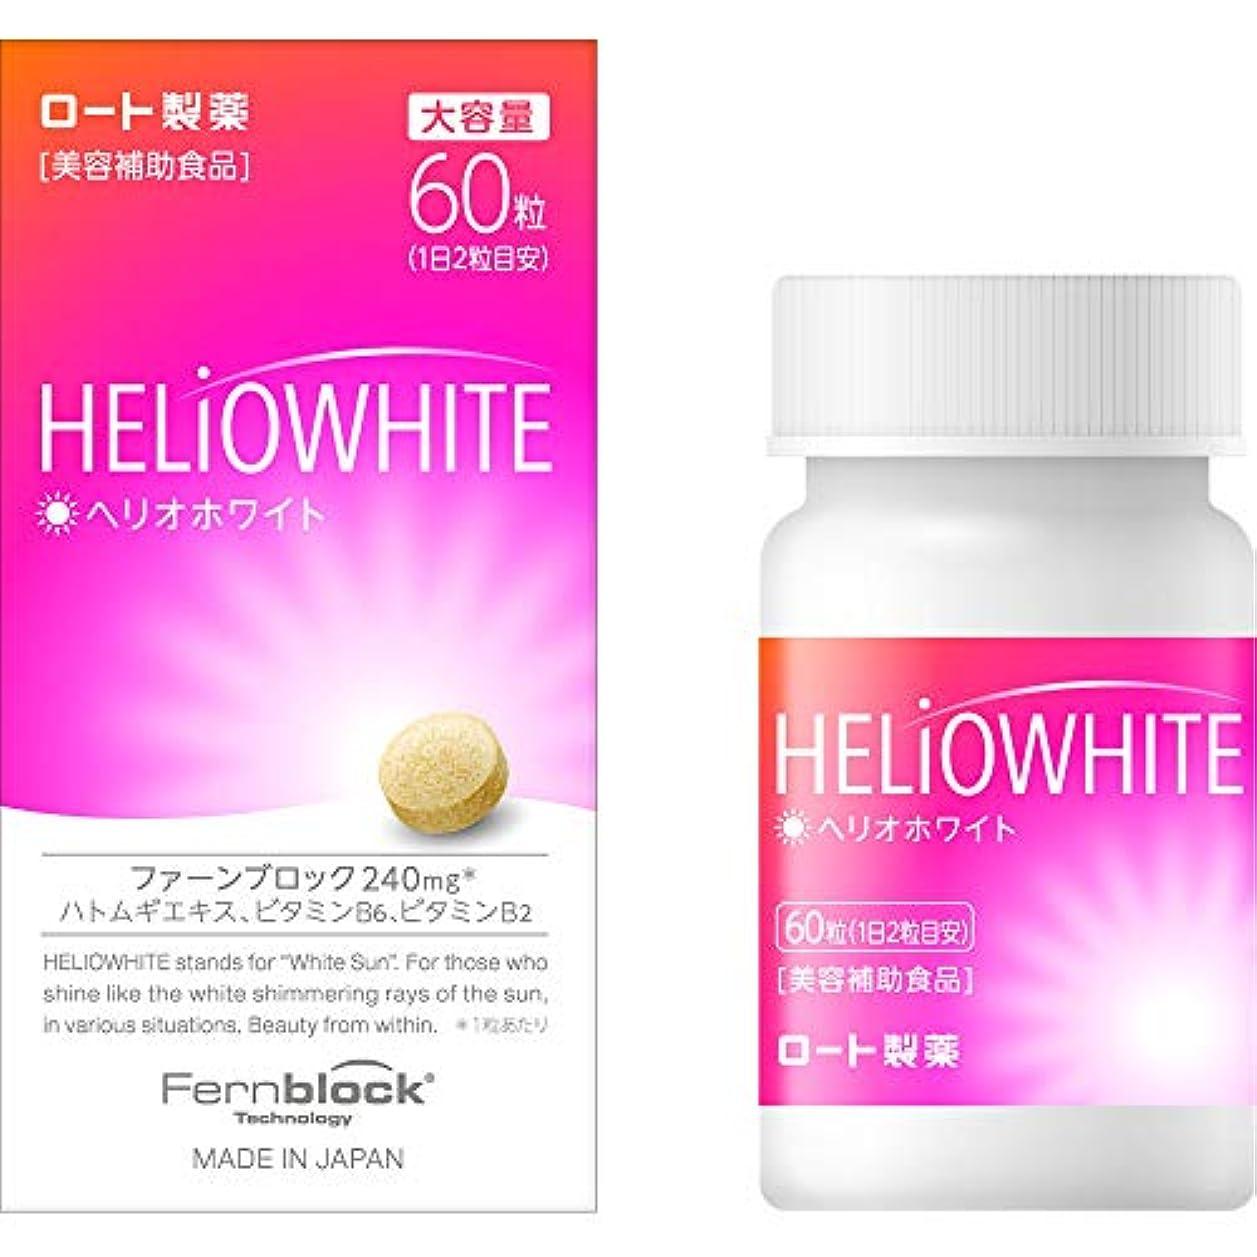 生理ささやきそんなにロート製薬 ヘリオホワイト 60粒 シダ植物抽出成分 ファーンブロック Fernblock 240mg 配合 美容補助食品